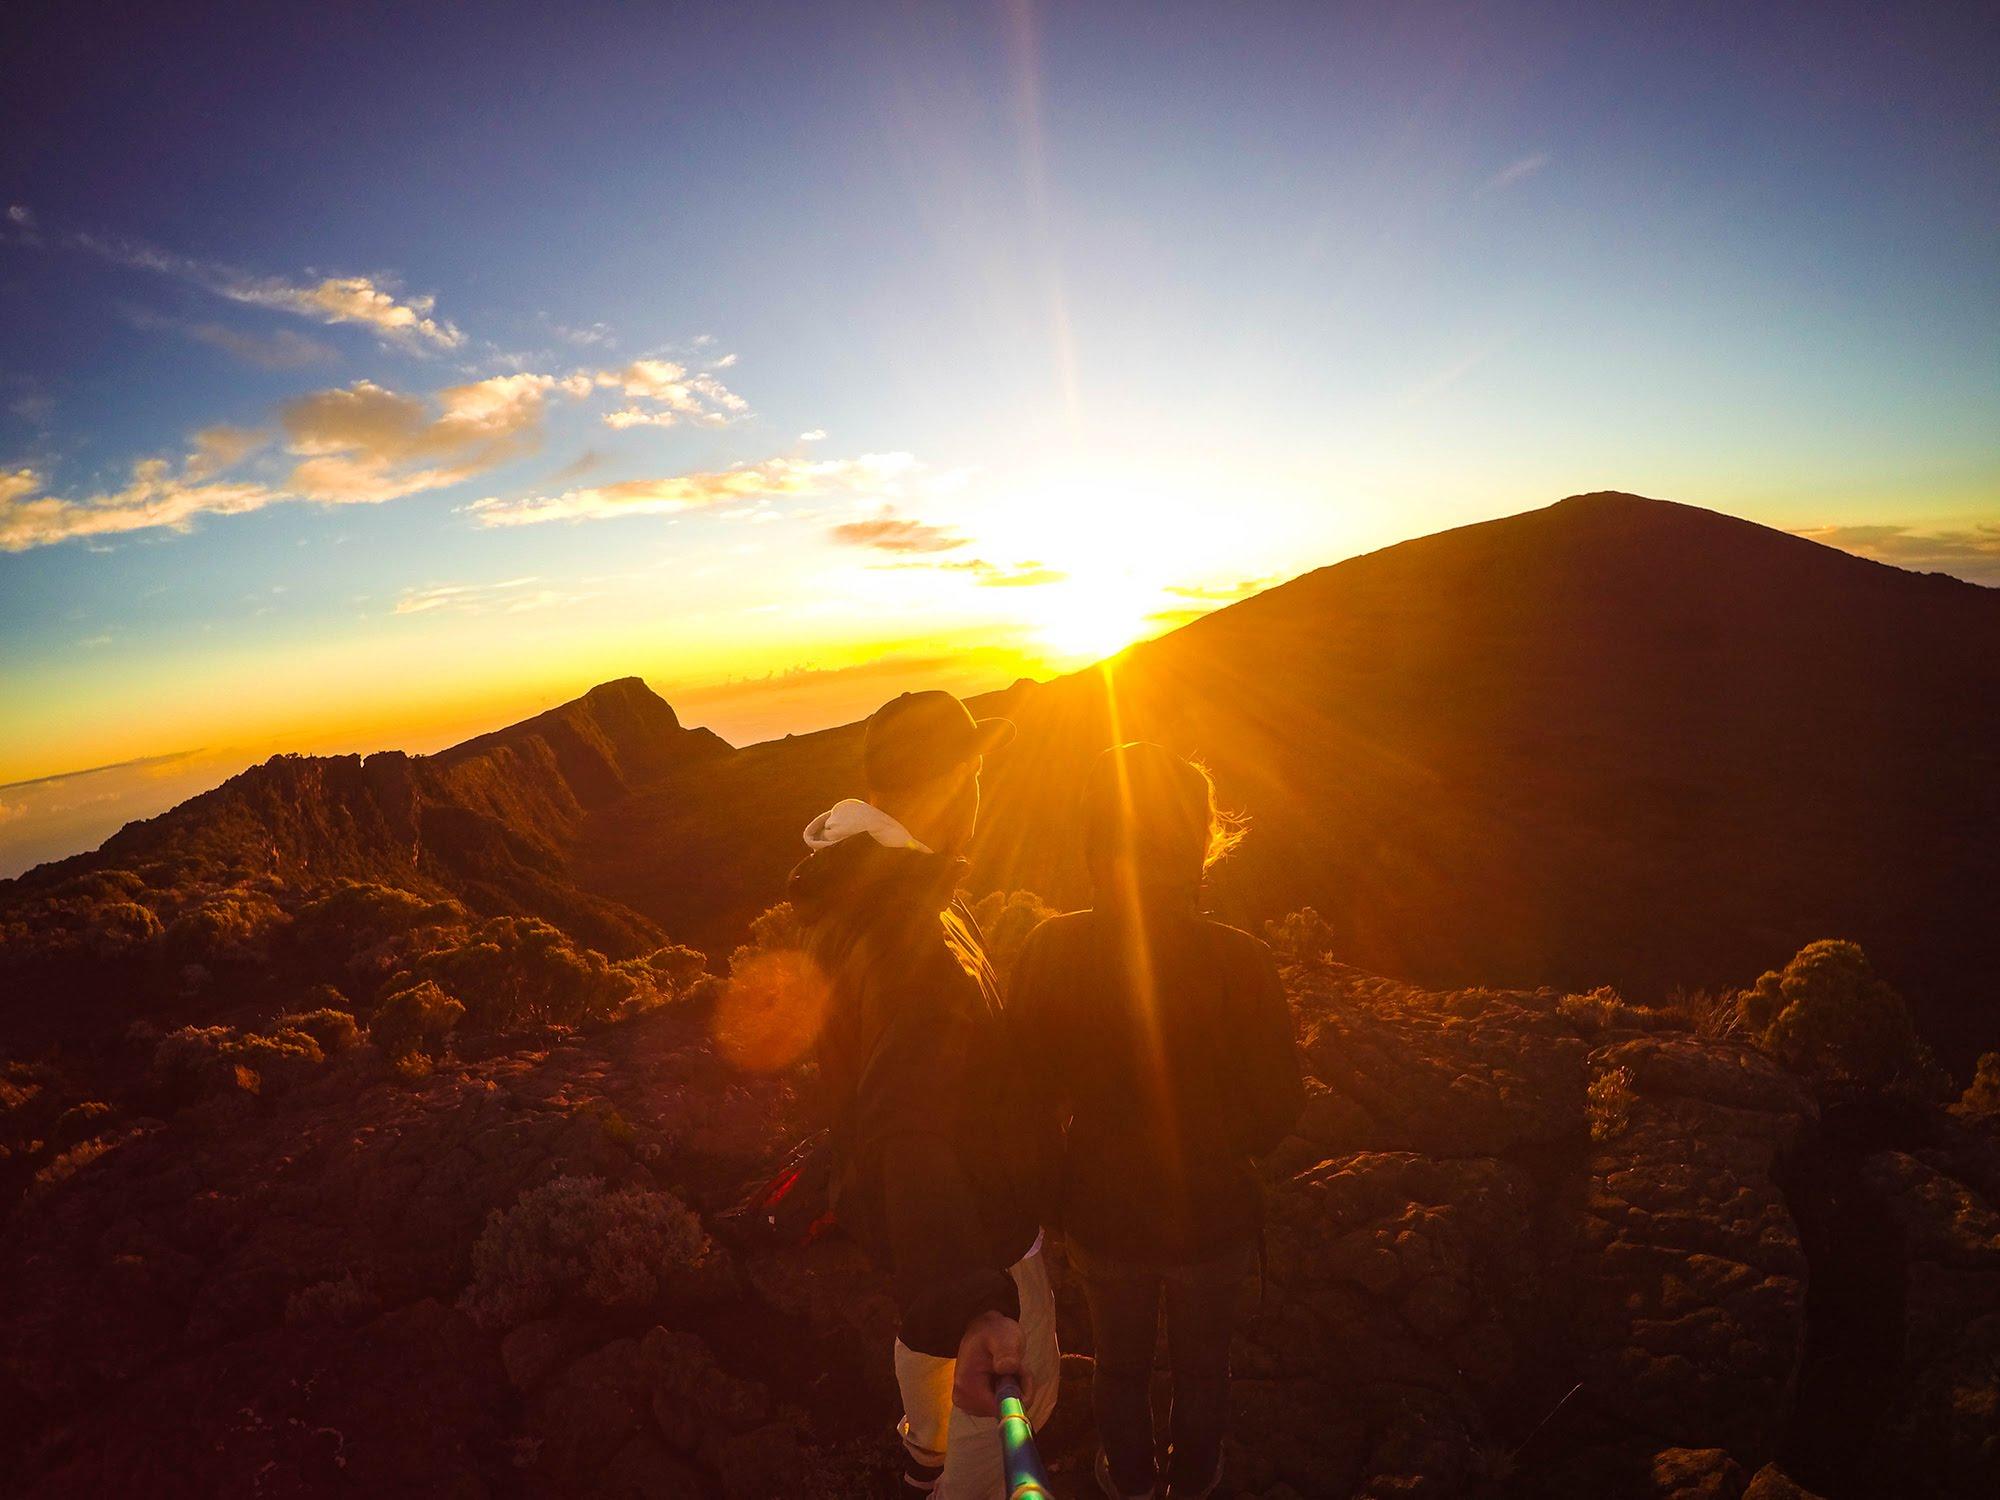 Reunion adventure, une Vidéo d'un Voyage à la Réunion + GoPro